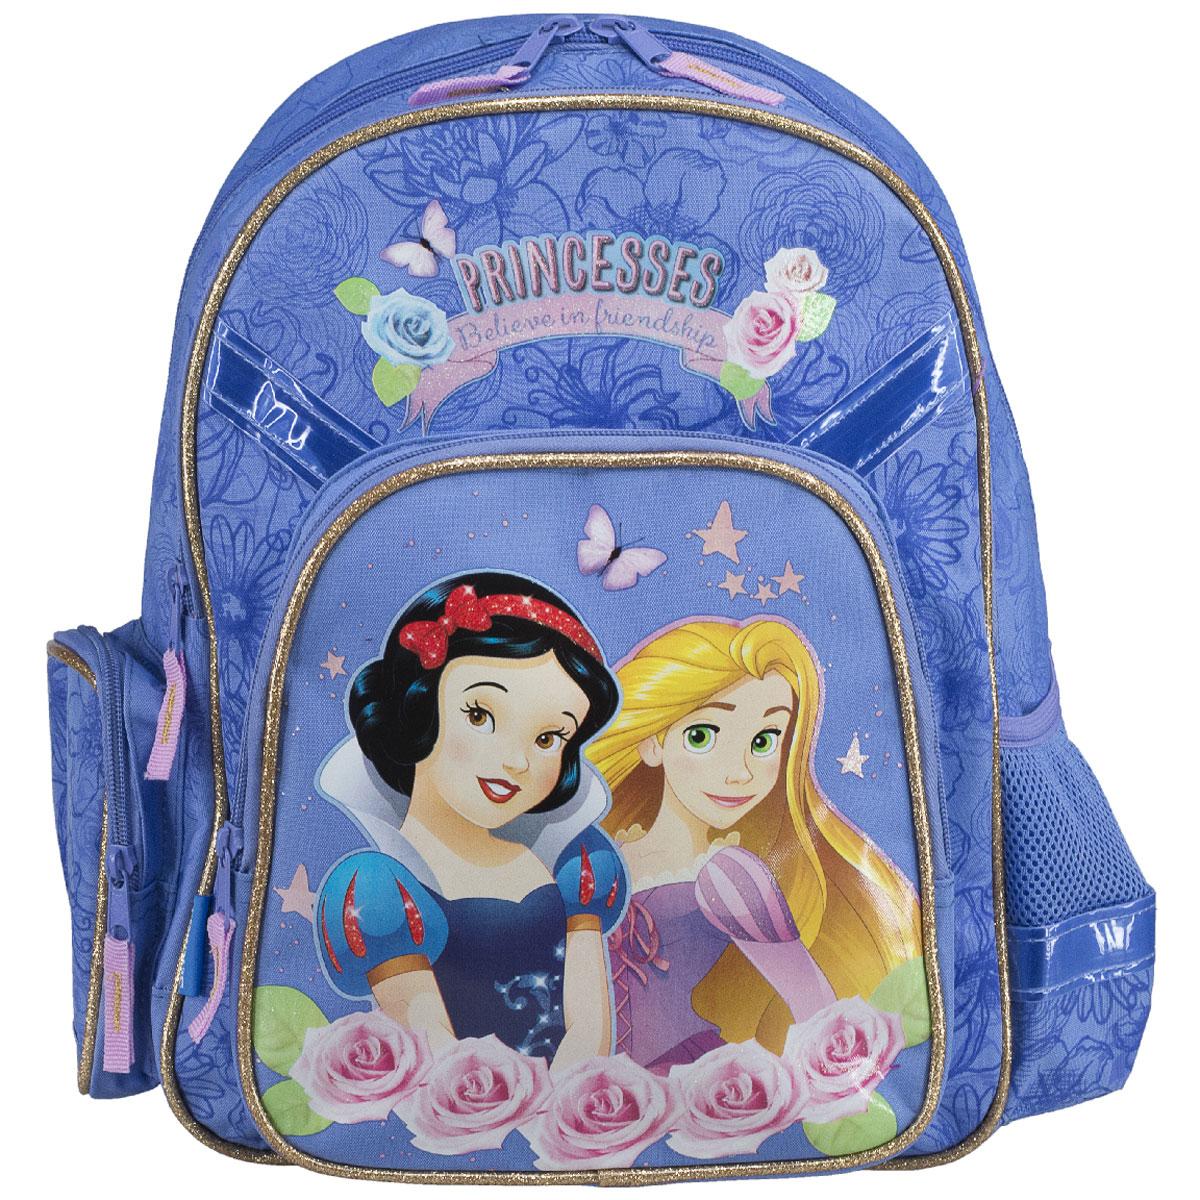 Рюкзак школьный Disney Princess Believe in Friendship, цвет: светло-фиолетовыйPRCB-MT1-9621Рюкзак школьный Disney Princess Believe in Friendship обязательно понравится вашей школьнице. Выполнен из прочных и высококачественных материалов, дополнен изображением милых принцесс. Содержит два вместительных отделения, закрывающиеся на застежки-молнии. В большом отделении находятся две перегородки для тетрадей или учебников. Дно рюкзака можно сделать жестким, разложив специальную панель с пластиковой вставкой, что повышает сохранность содержимого рюкзака и способствует правильному распределению нагрузки. Лицевая сторона оснащена накладным карманом на молнии. По бокам расположены два накладных кармана: на застежке-молнии и открытый, стянутый сверху резинкой. Специально разработанная архитектура спинки со стабилизирующими набивными элементами повторяет естественный изгиб позвоночника. Набивные элементы обеспечивают вентиляцию спины ребенка. Плечевые лямки анатомической формы равномерно распределяют нагрузку на плечевую и воротниковую зоны. Конструкция пряжки...